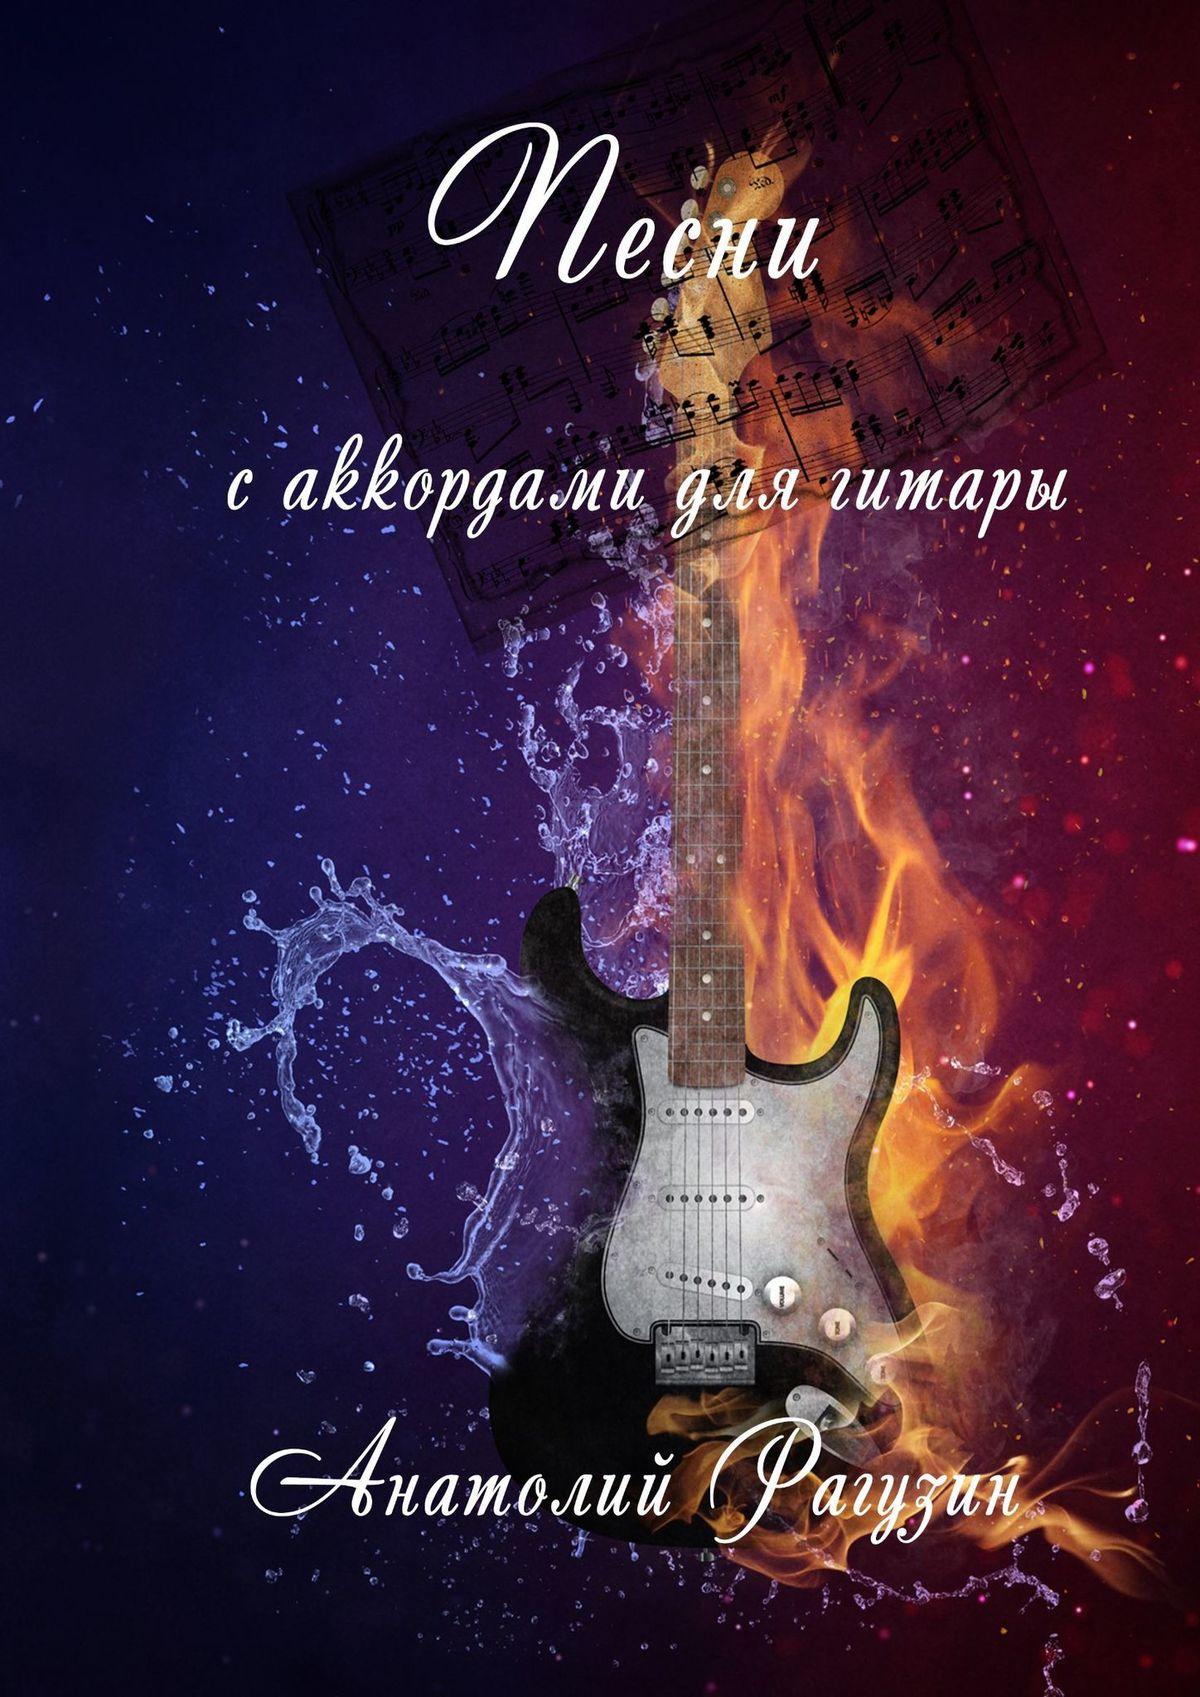 Анатолий Рагузин Песни. С аккордами для гитары некрасов н мужичок с ноготок стихи